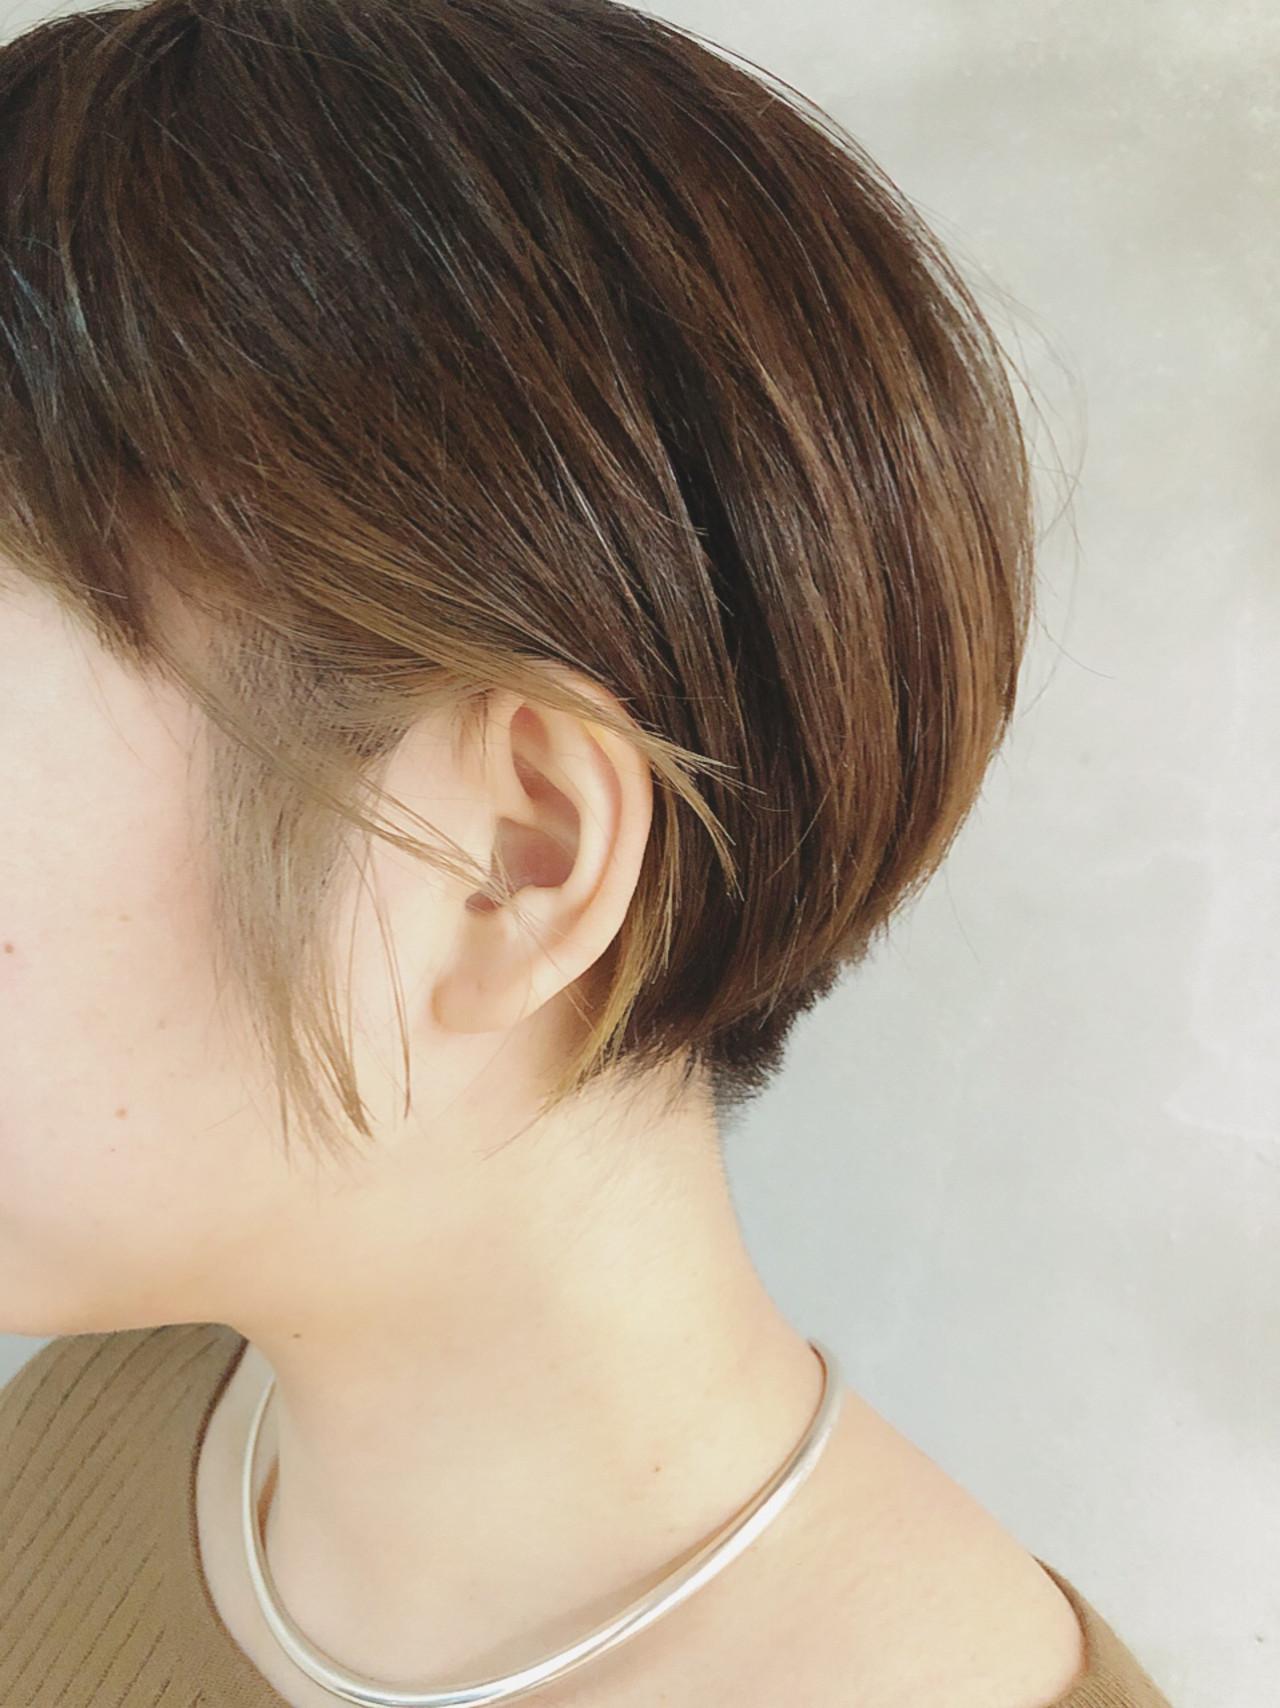 ショートボブ ショート インナーカラーグレー ショートヘア ヘアスタイルや髪型の写真・画像